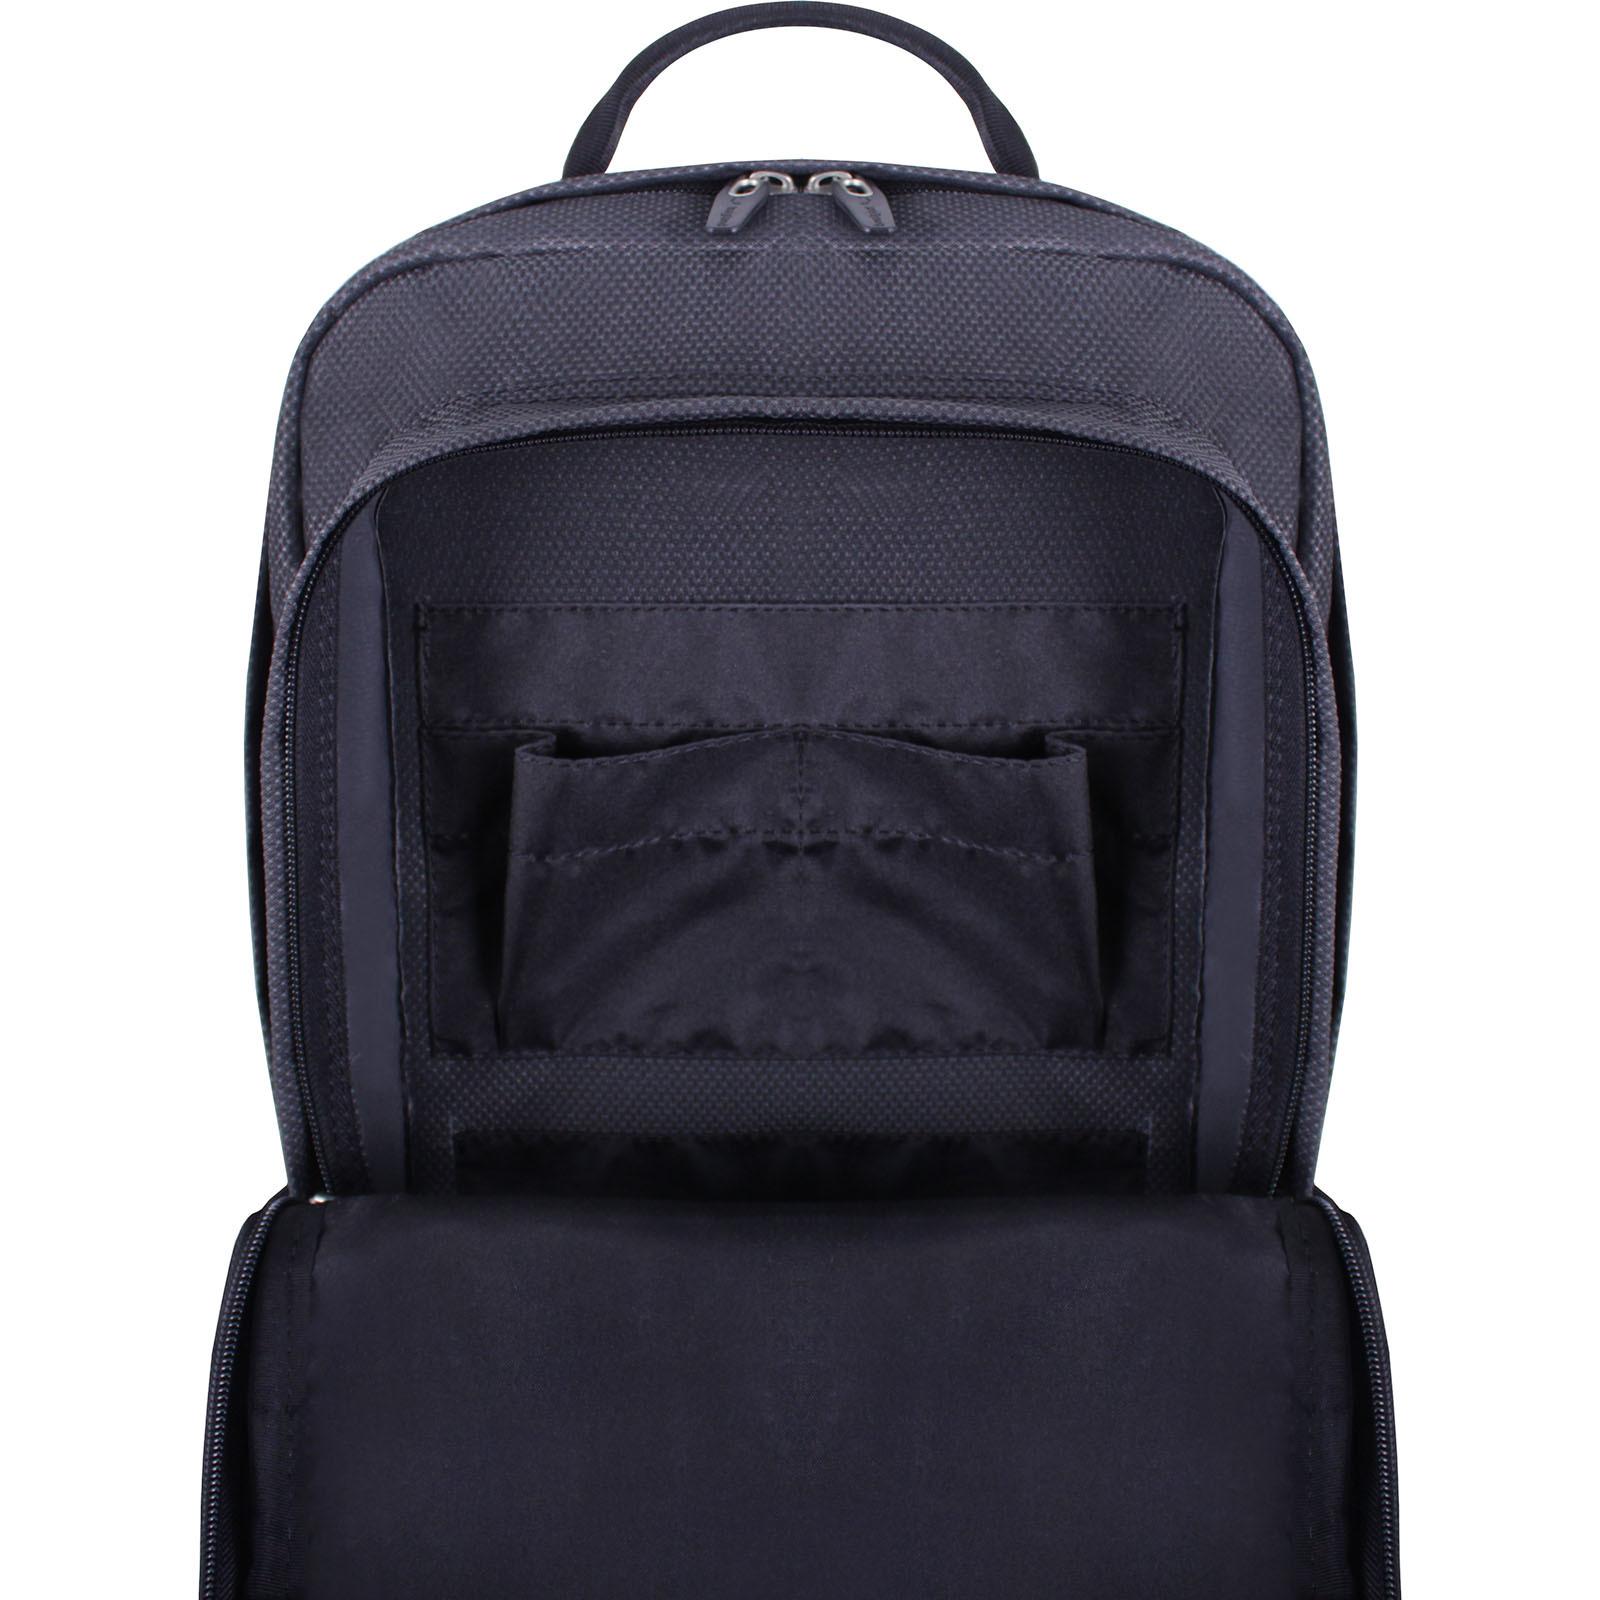 Рюкзак для ноутбука Bagland Jasper 19 л. Чёрный (00155169) фото 8